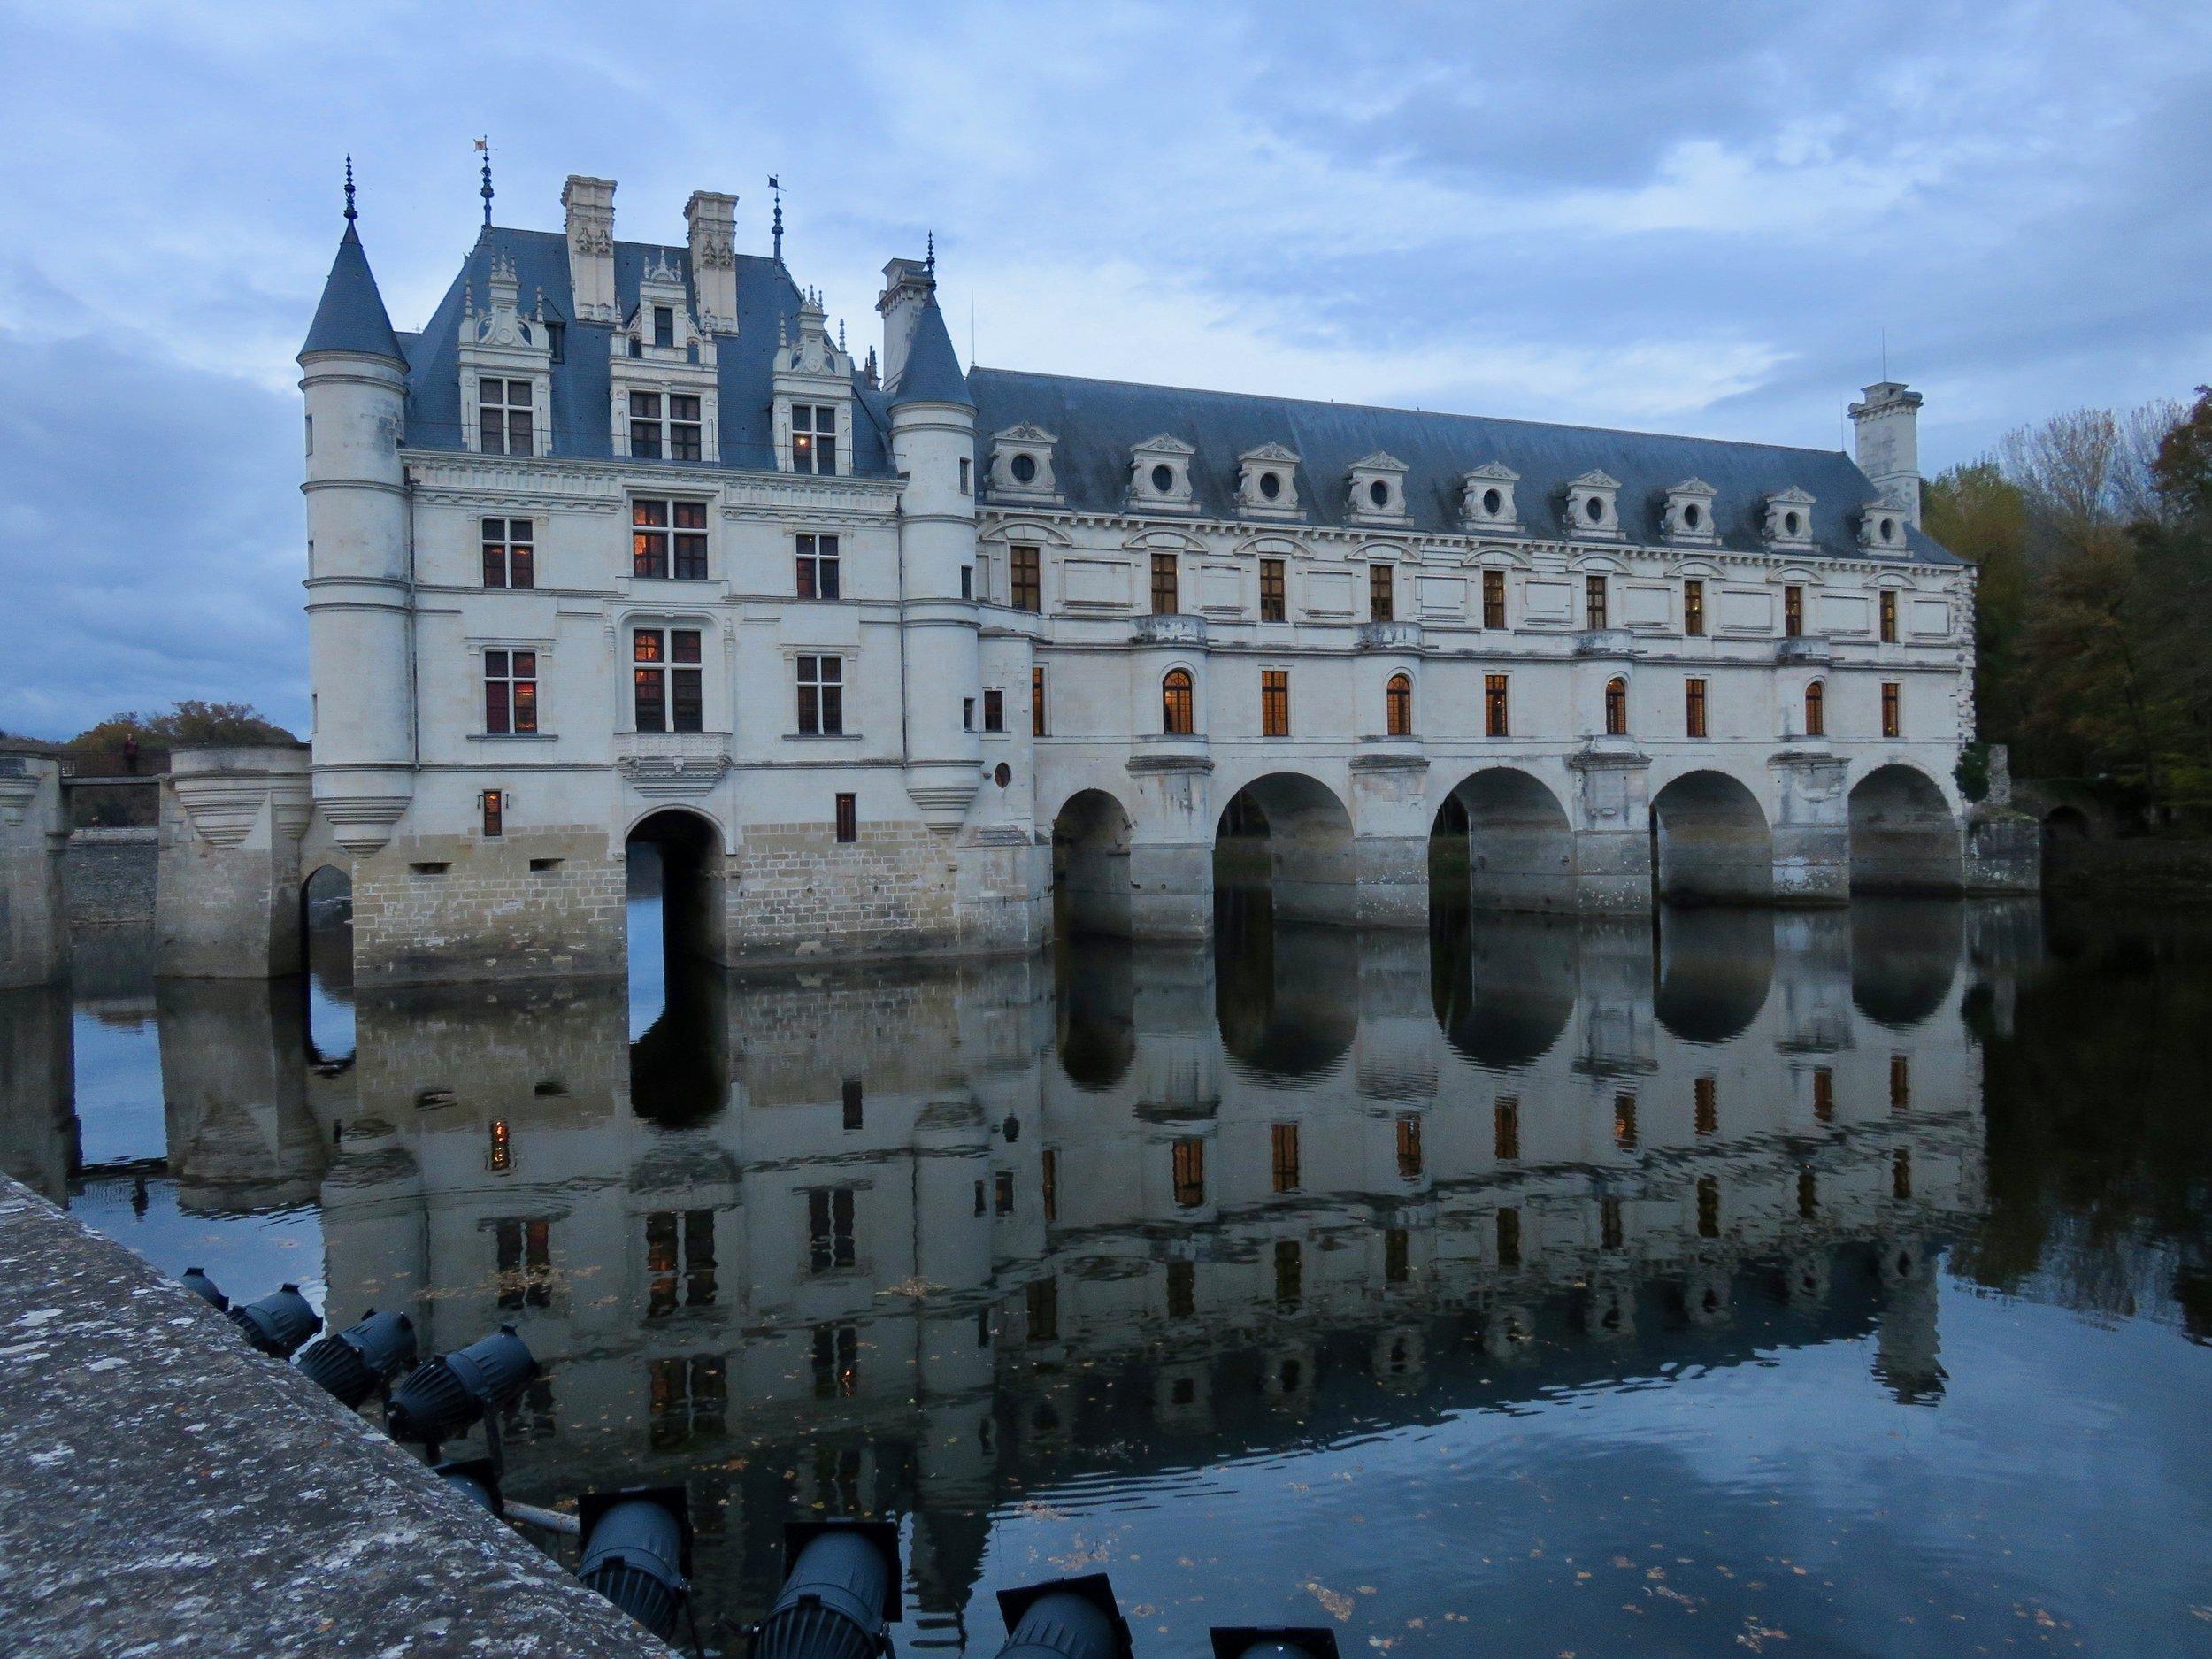 Château de Chenonceau built over the Cher River. We kept touring until the sun went down.